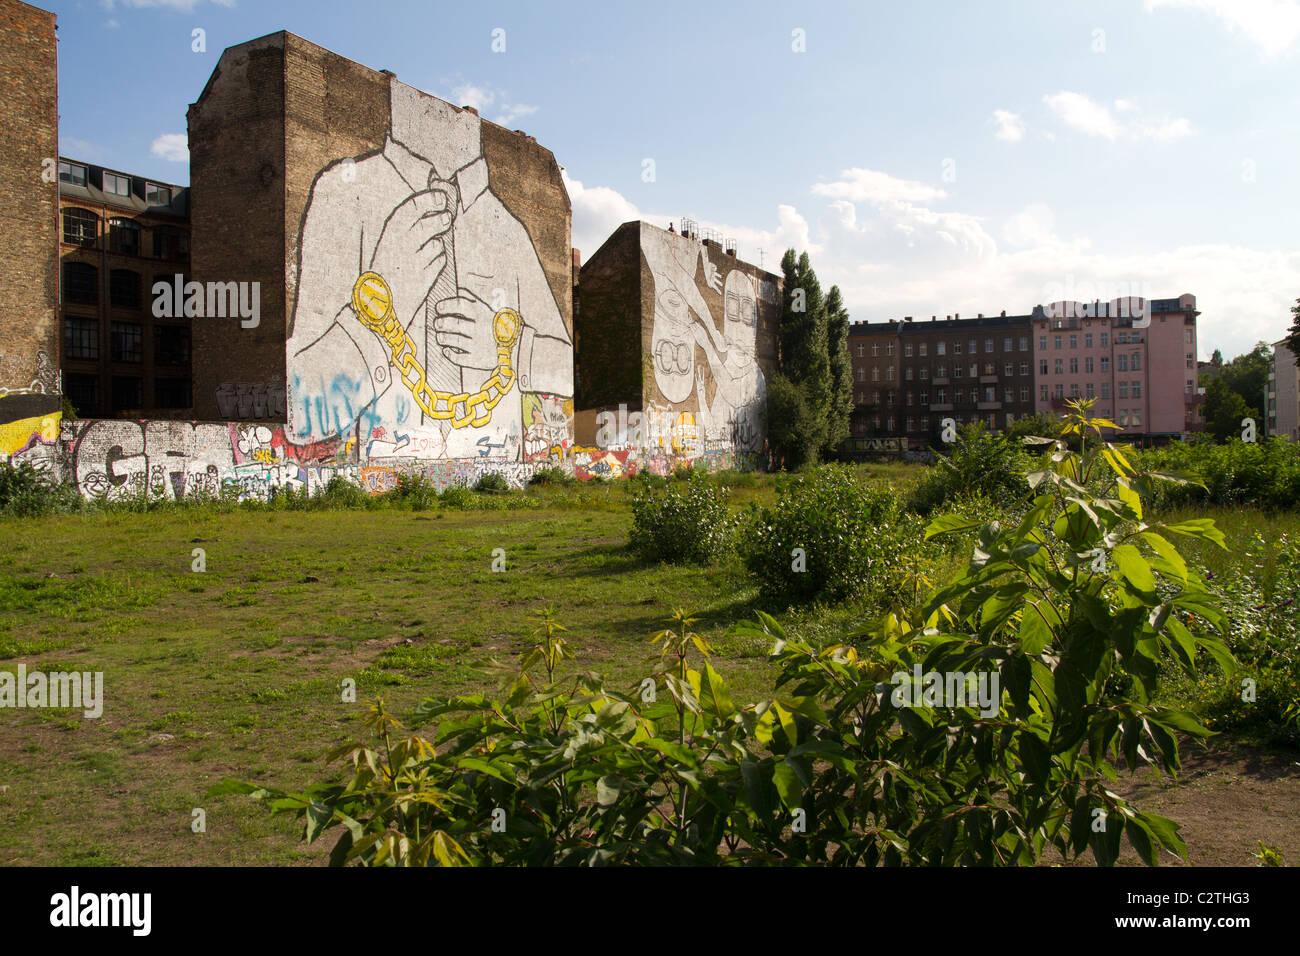 Streetart gigante murale di artista Blu a Kreuzberg Berlino Immagini Stock